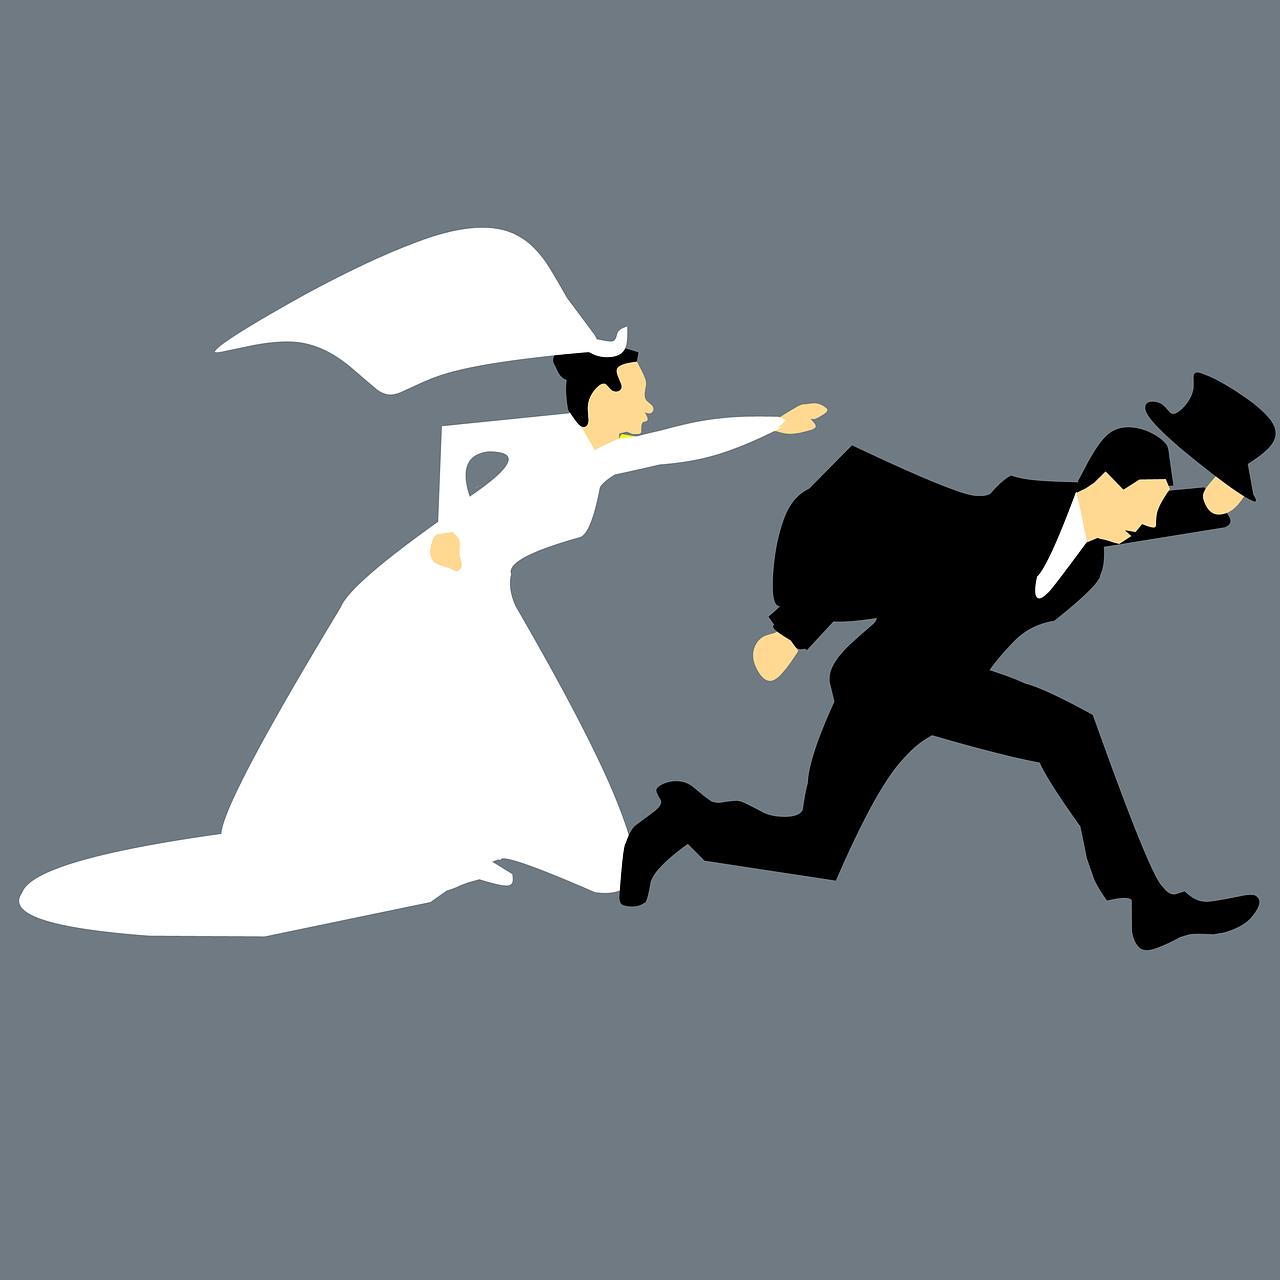 кредит оформленный в браке заказать кредитную карту с 18 лет